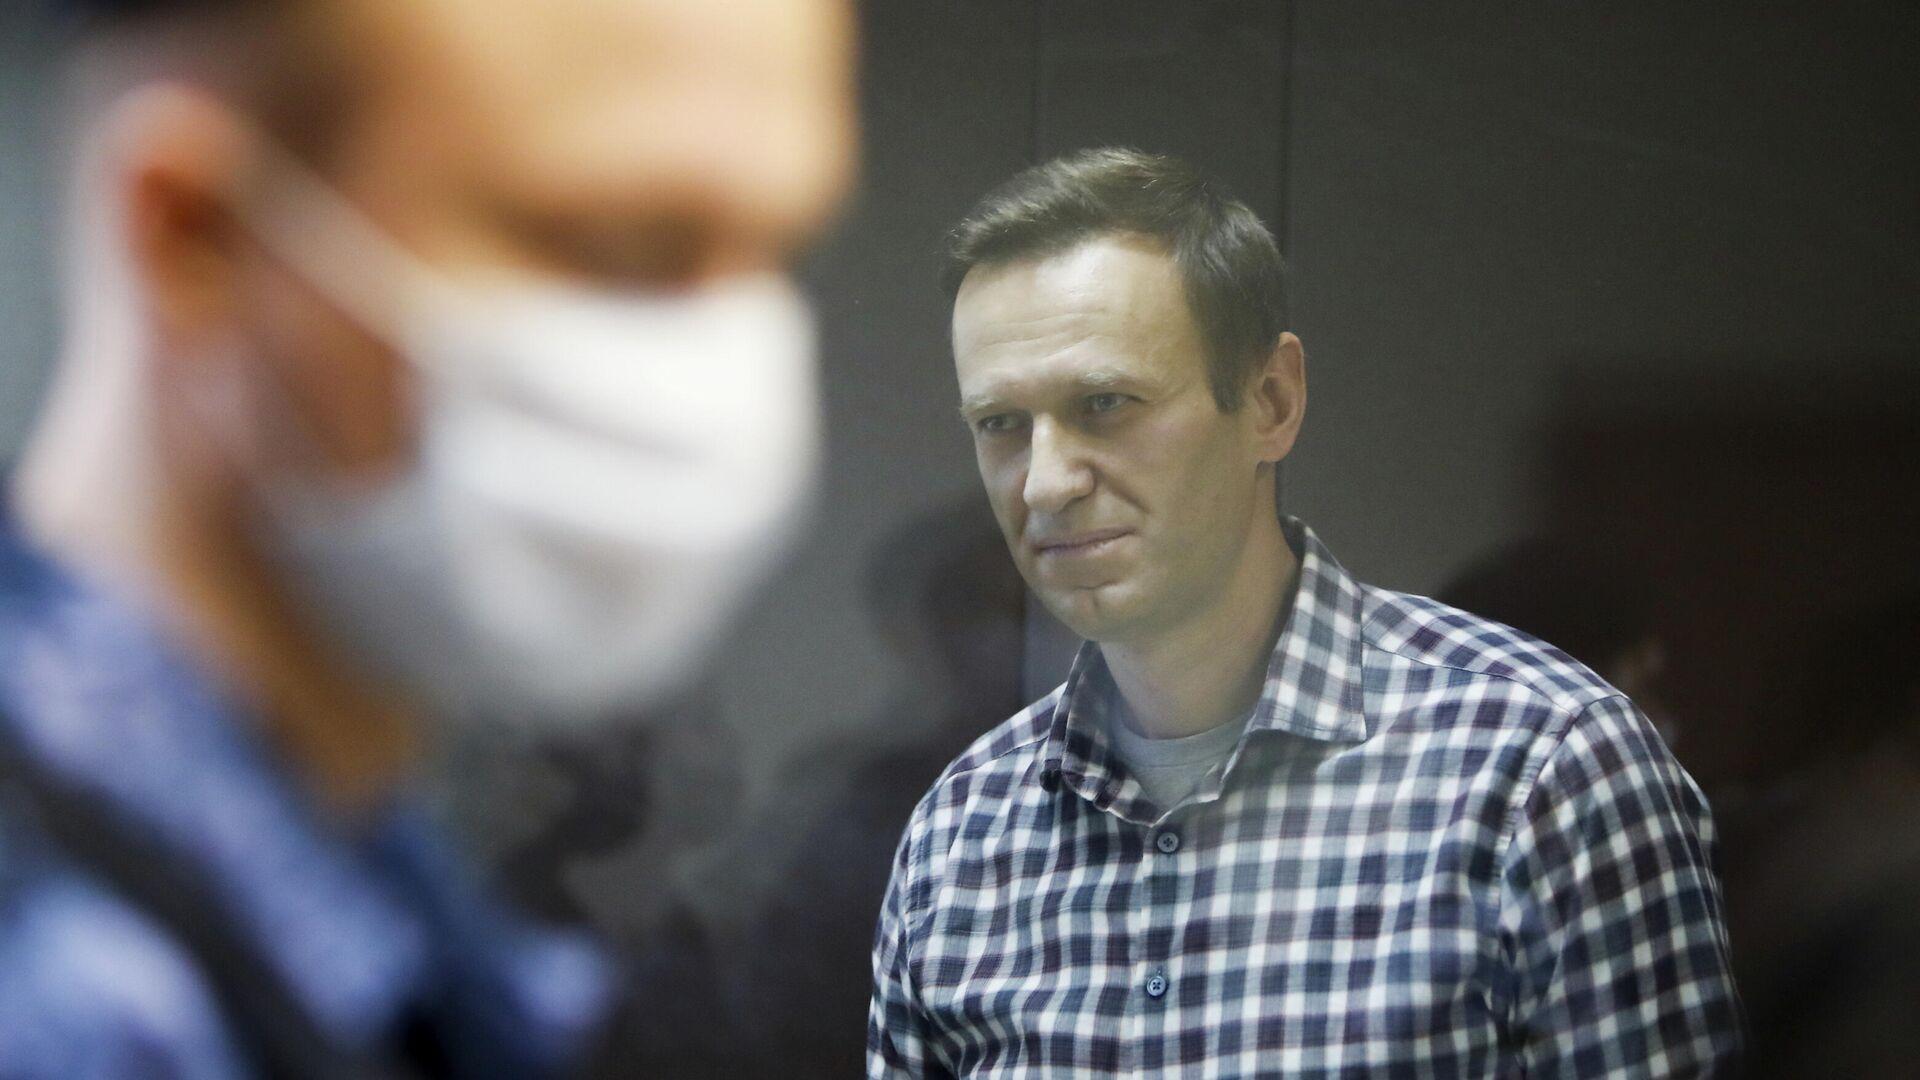 Защита Навального подала жалобу на публикацию видеокадров с ним